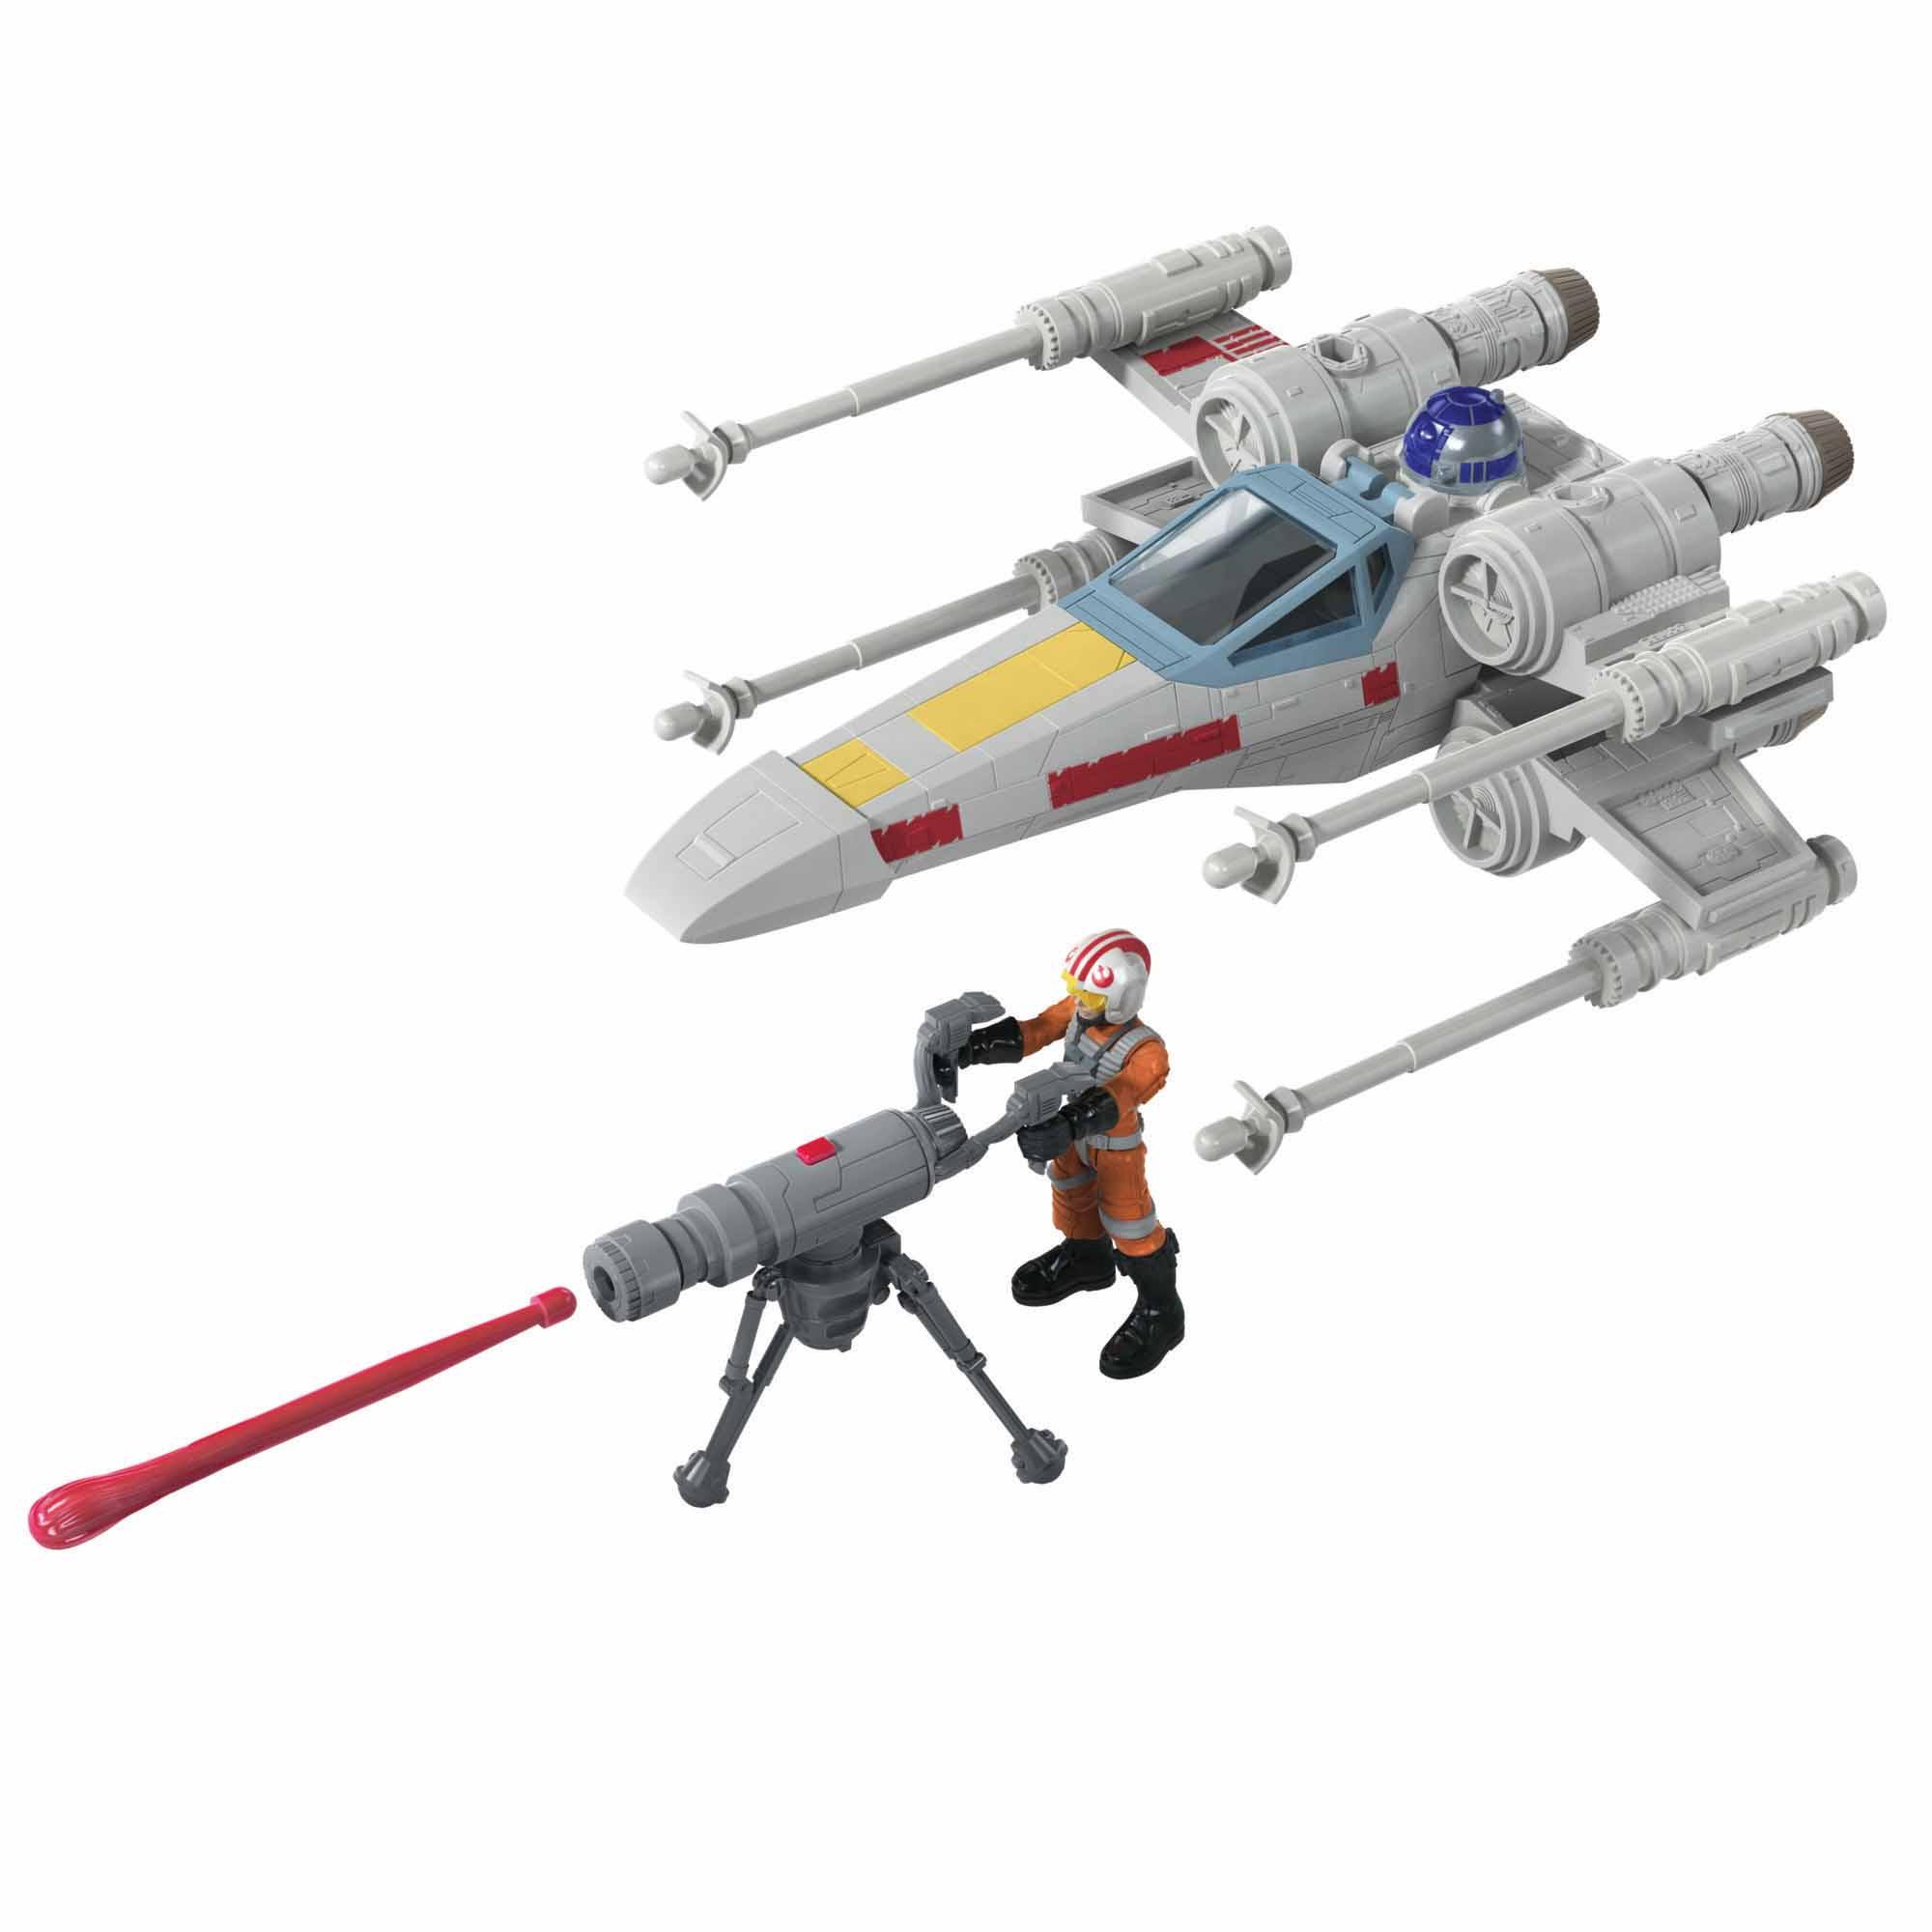 Star Wars Mission Fleet - Luke Skywalker X-wing Fighter